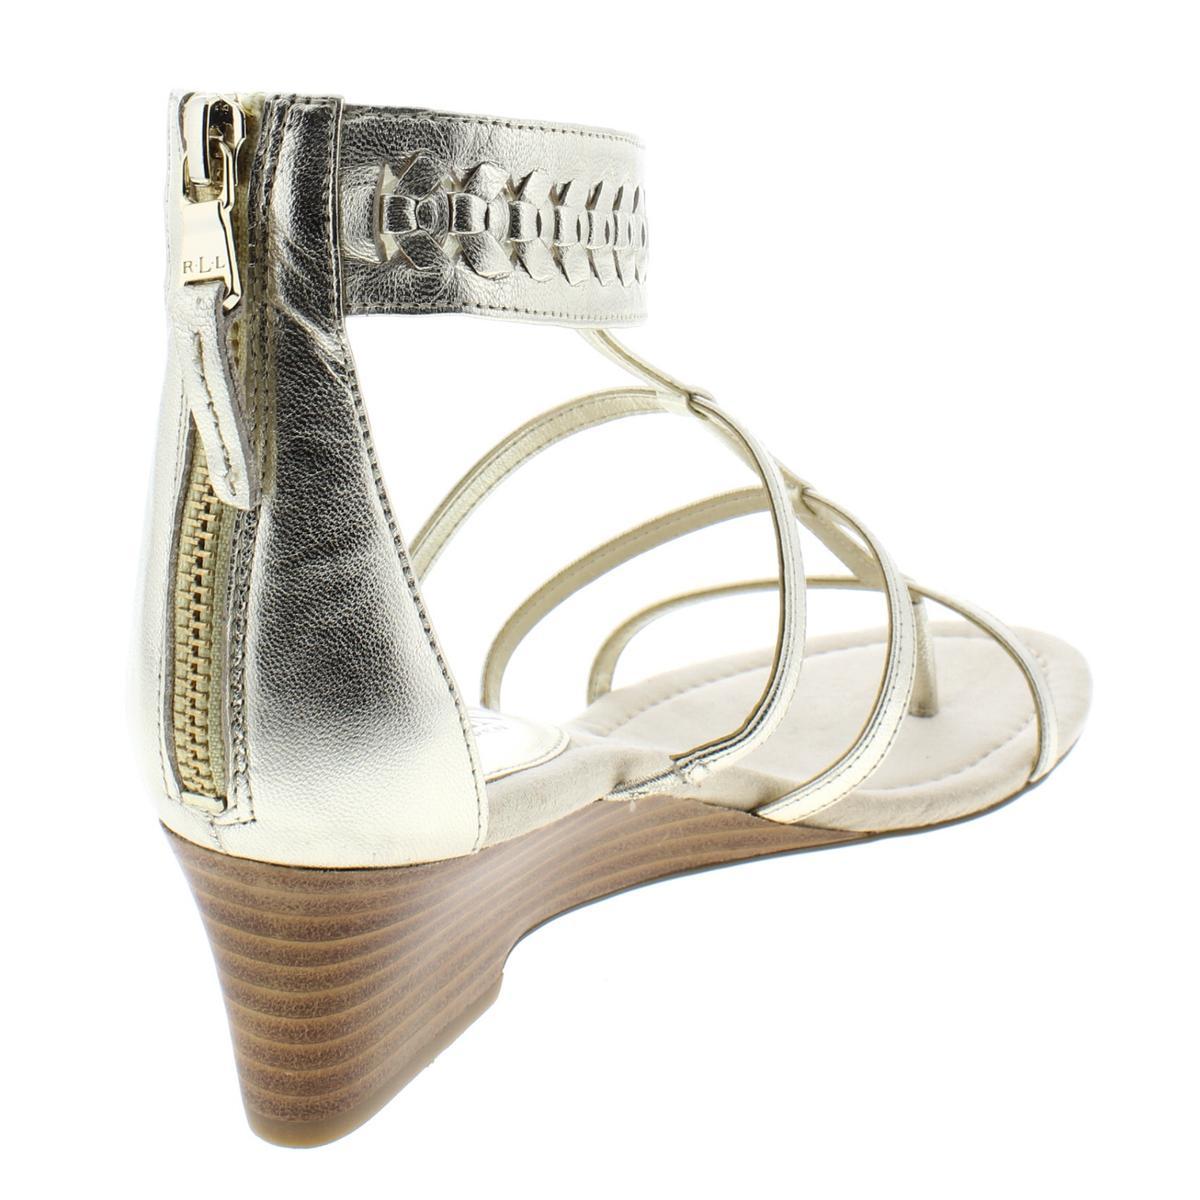 Lauren-Ralph-Lauren-Womens-Meira-Solid-Thong-Wedges-Sandals-BHFO-4677 thumbnail 4